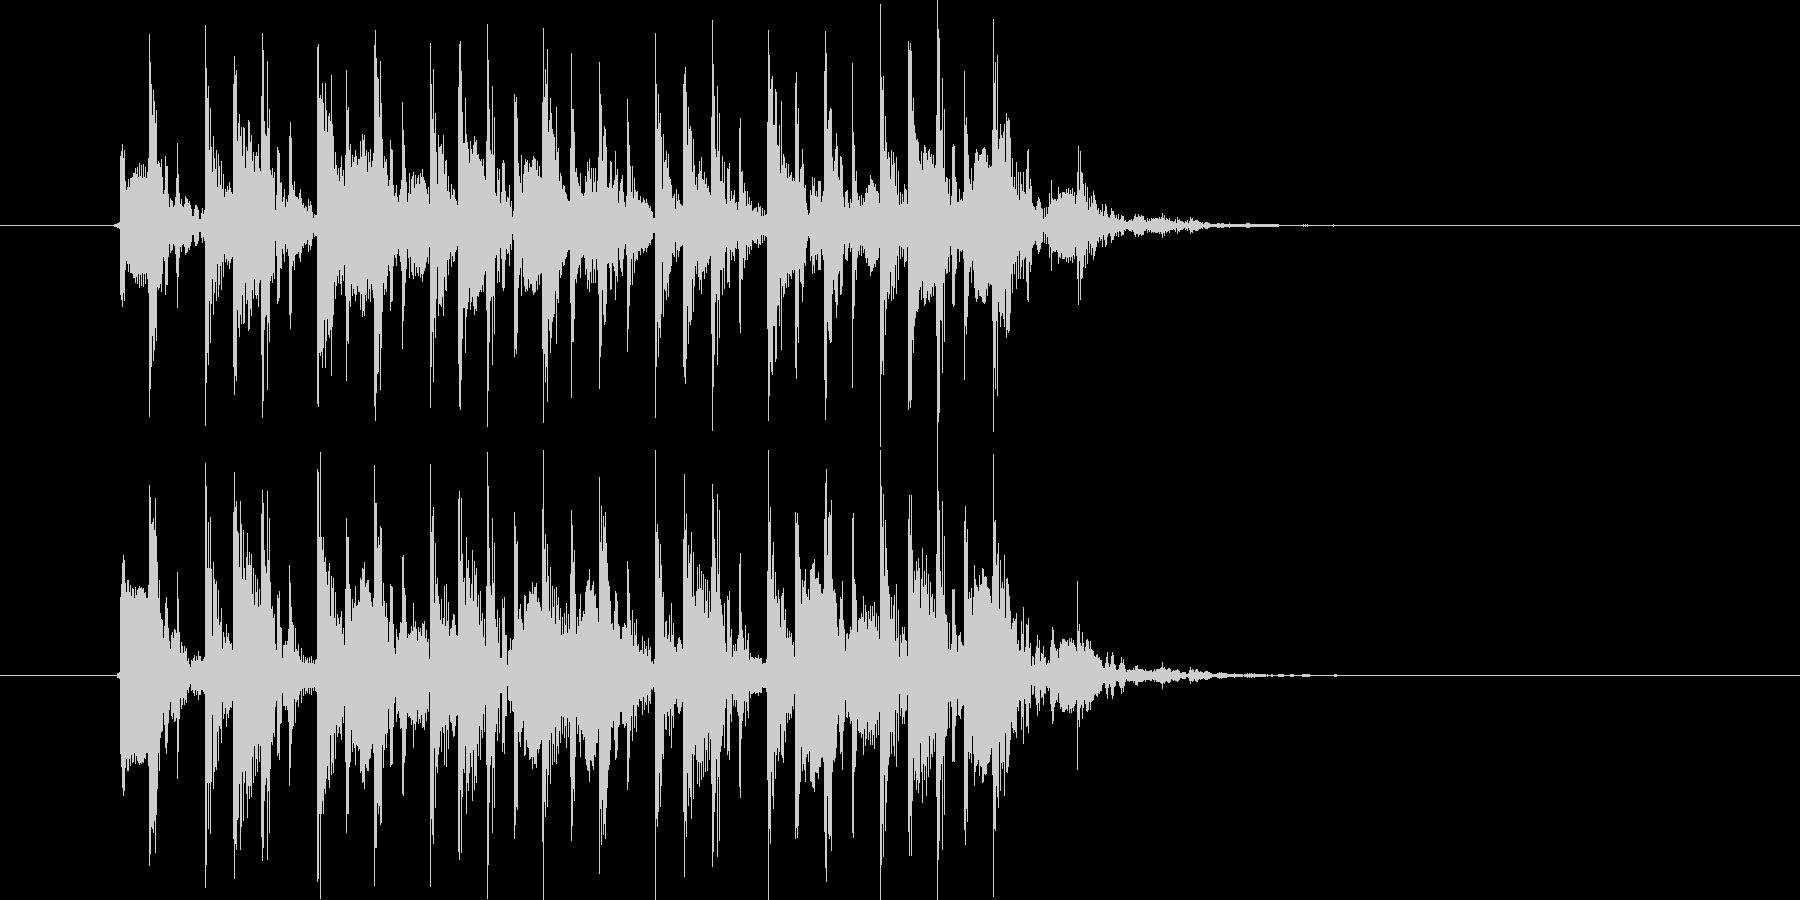 流暢で軽快なシンセジングルの未再生の波形